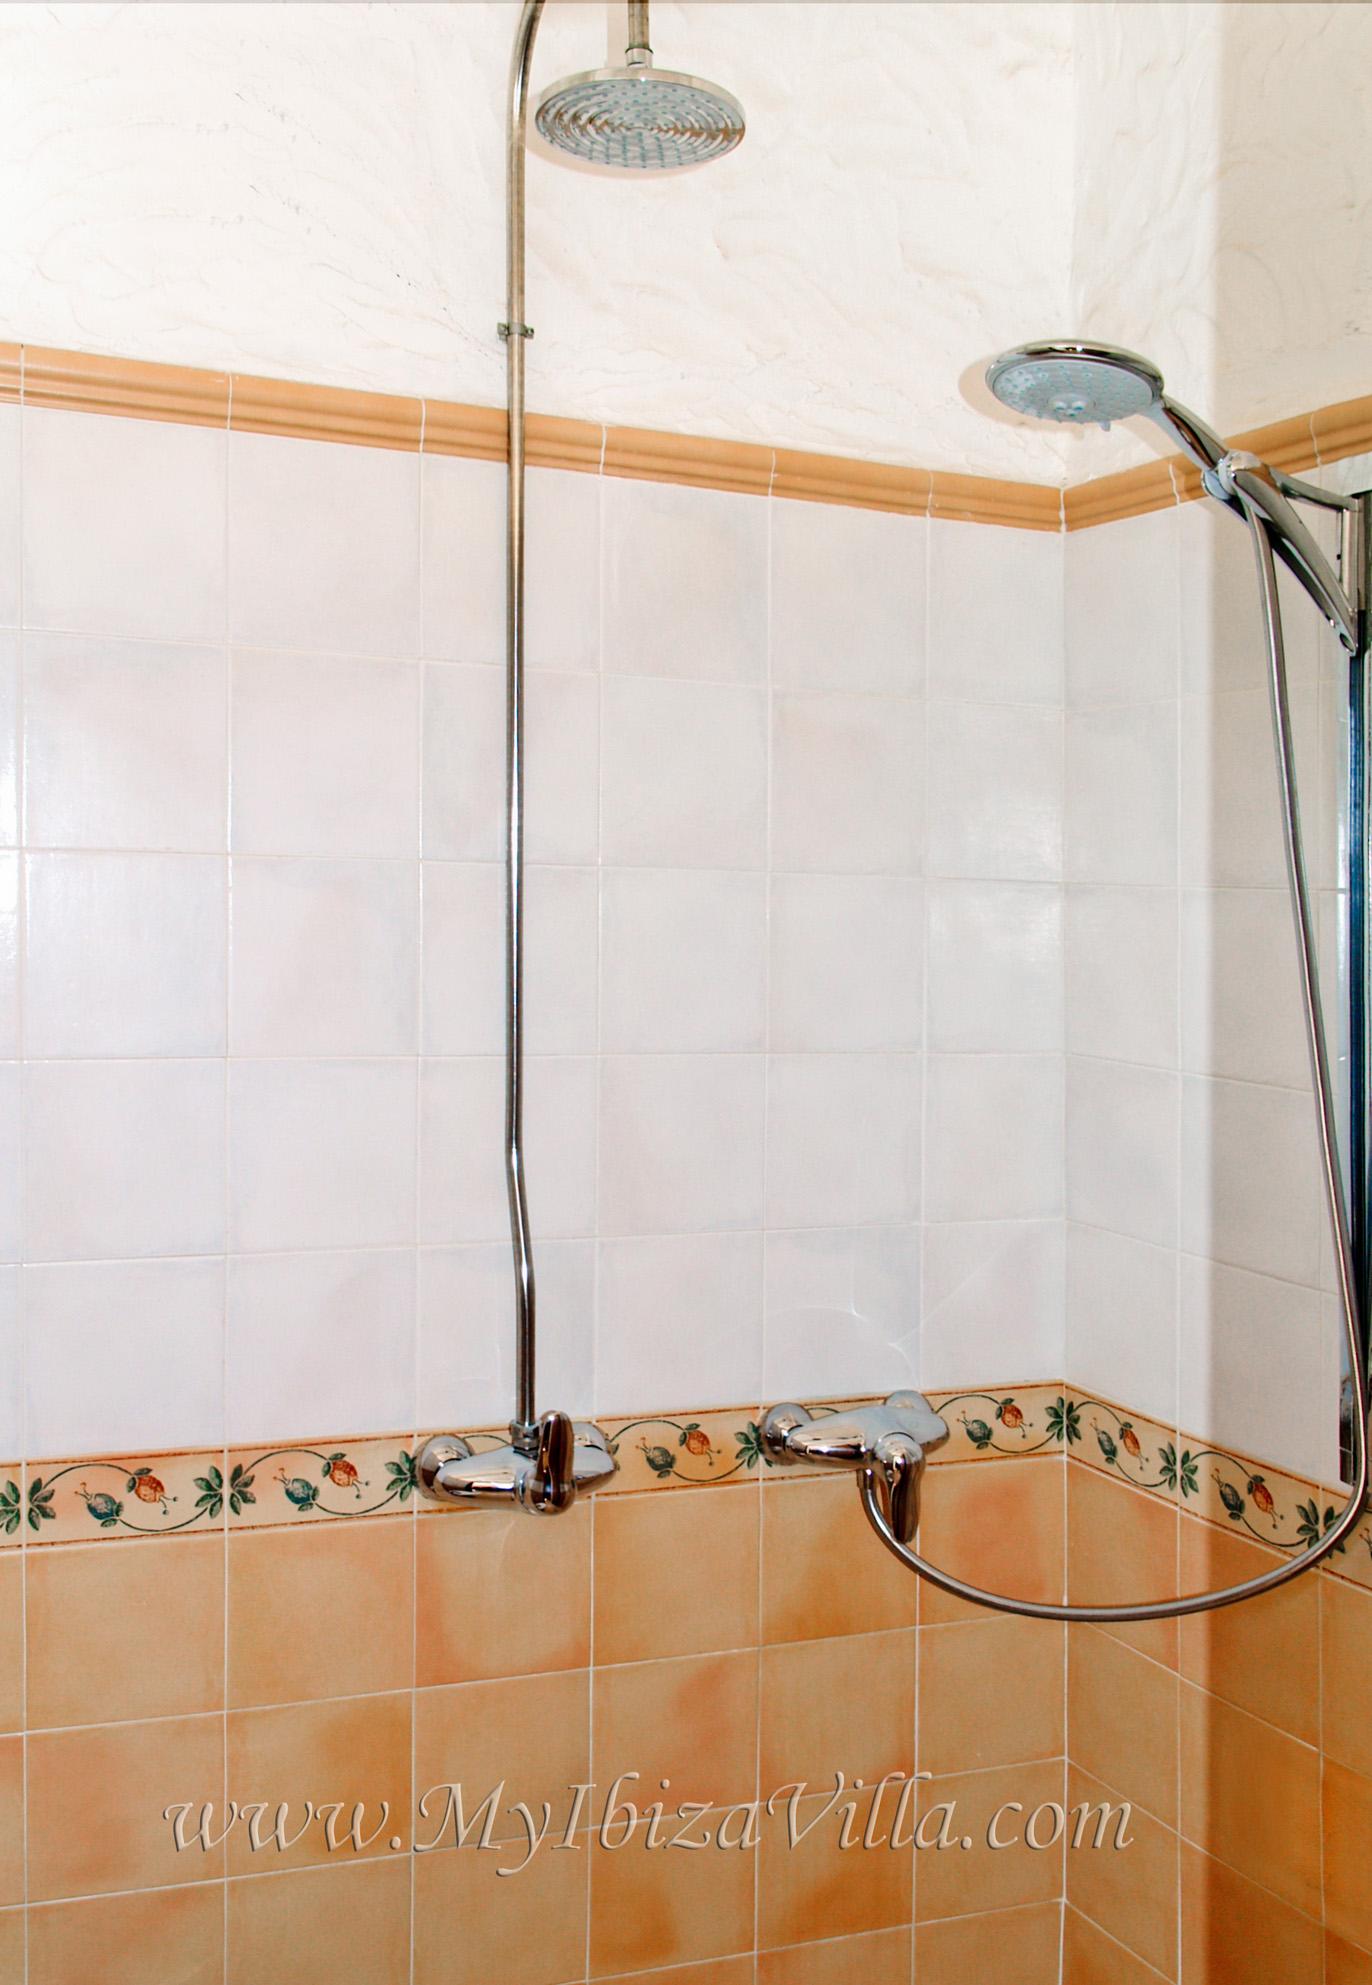 Een tweepersoons douche met rain-dance en massage douche van deze villa Ibiza.